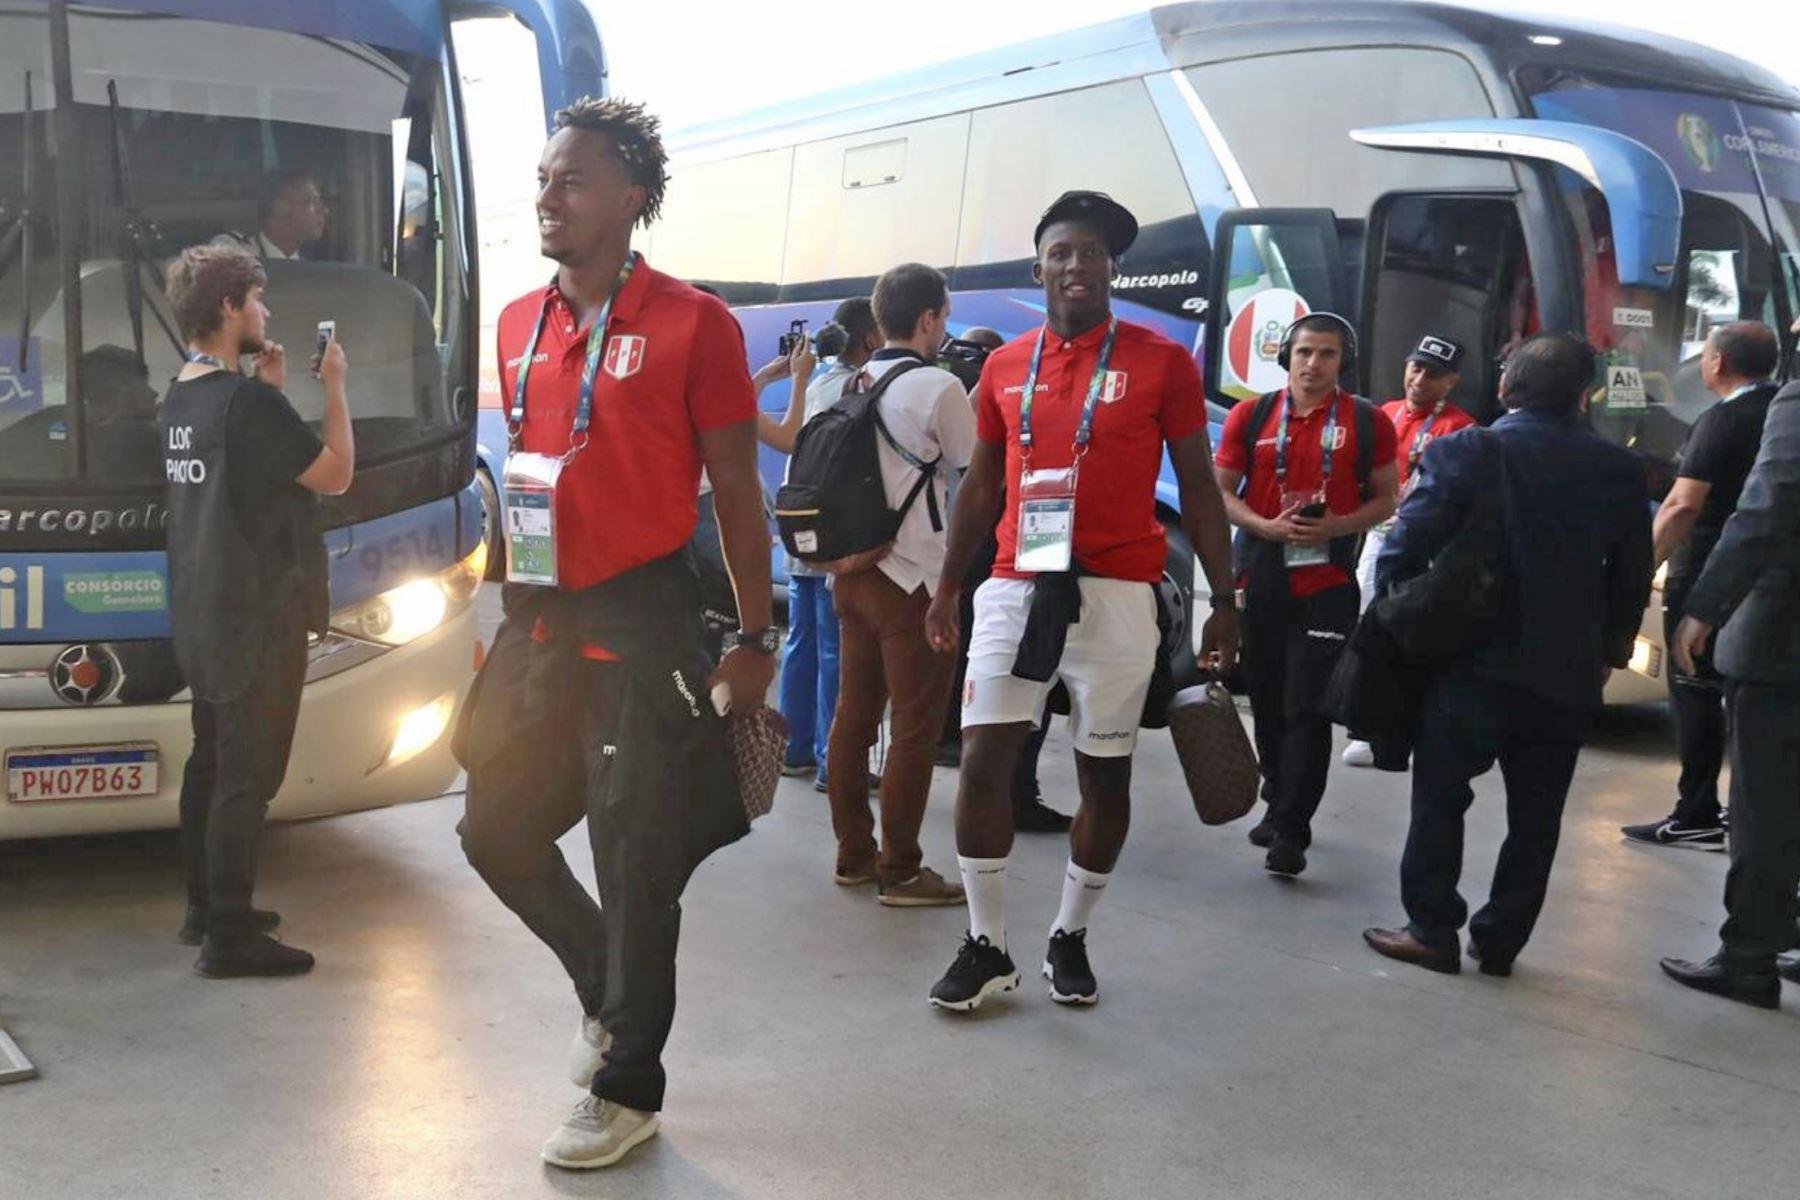 Llegada de la Selección Peruana de Fútbol al Estadio Maracaná para enfrentar a Bolivia. Foto: FPF